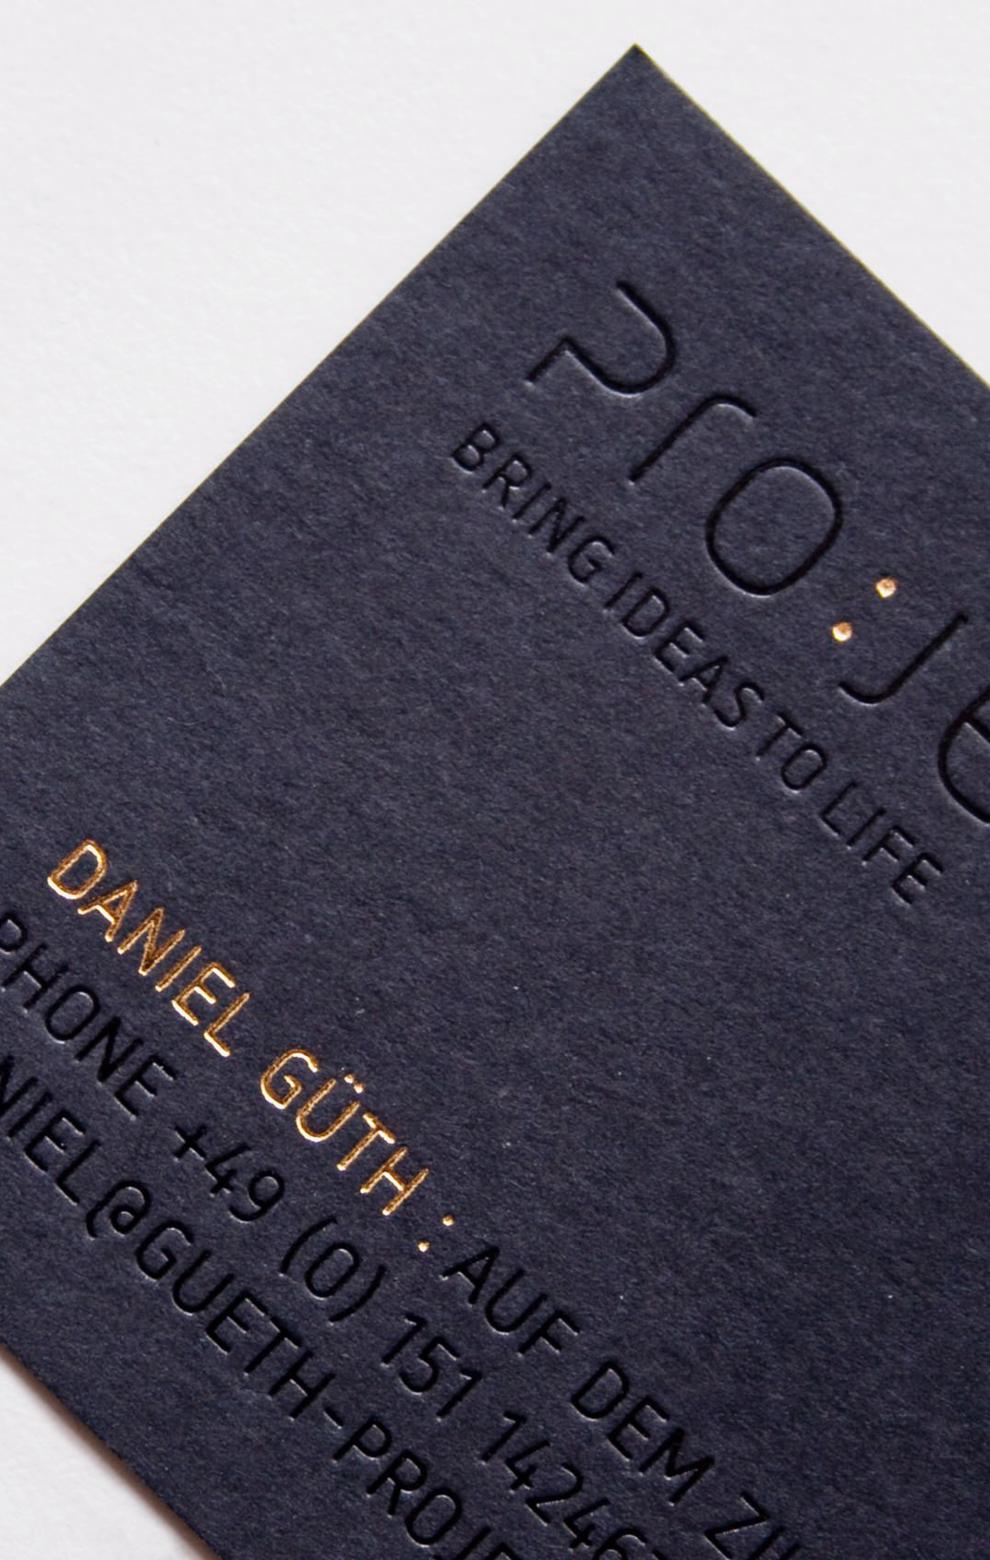 Corporate Design, Visitenkarte für Project, entworfen von den sons of ipanema, einer Grafik Design Agentur aus Köln. Dateil von der Goldveredelung und Blindprägung auf schwarzer Pappe.